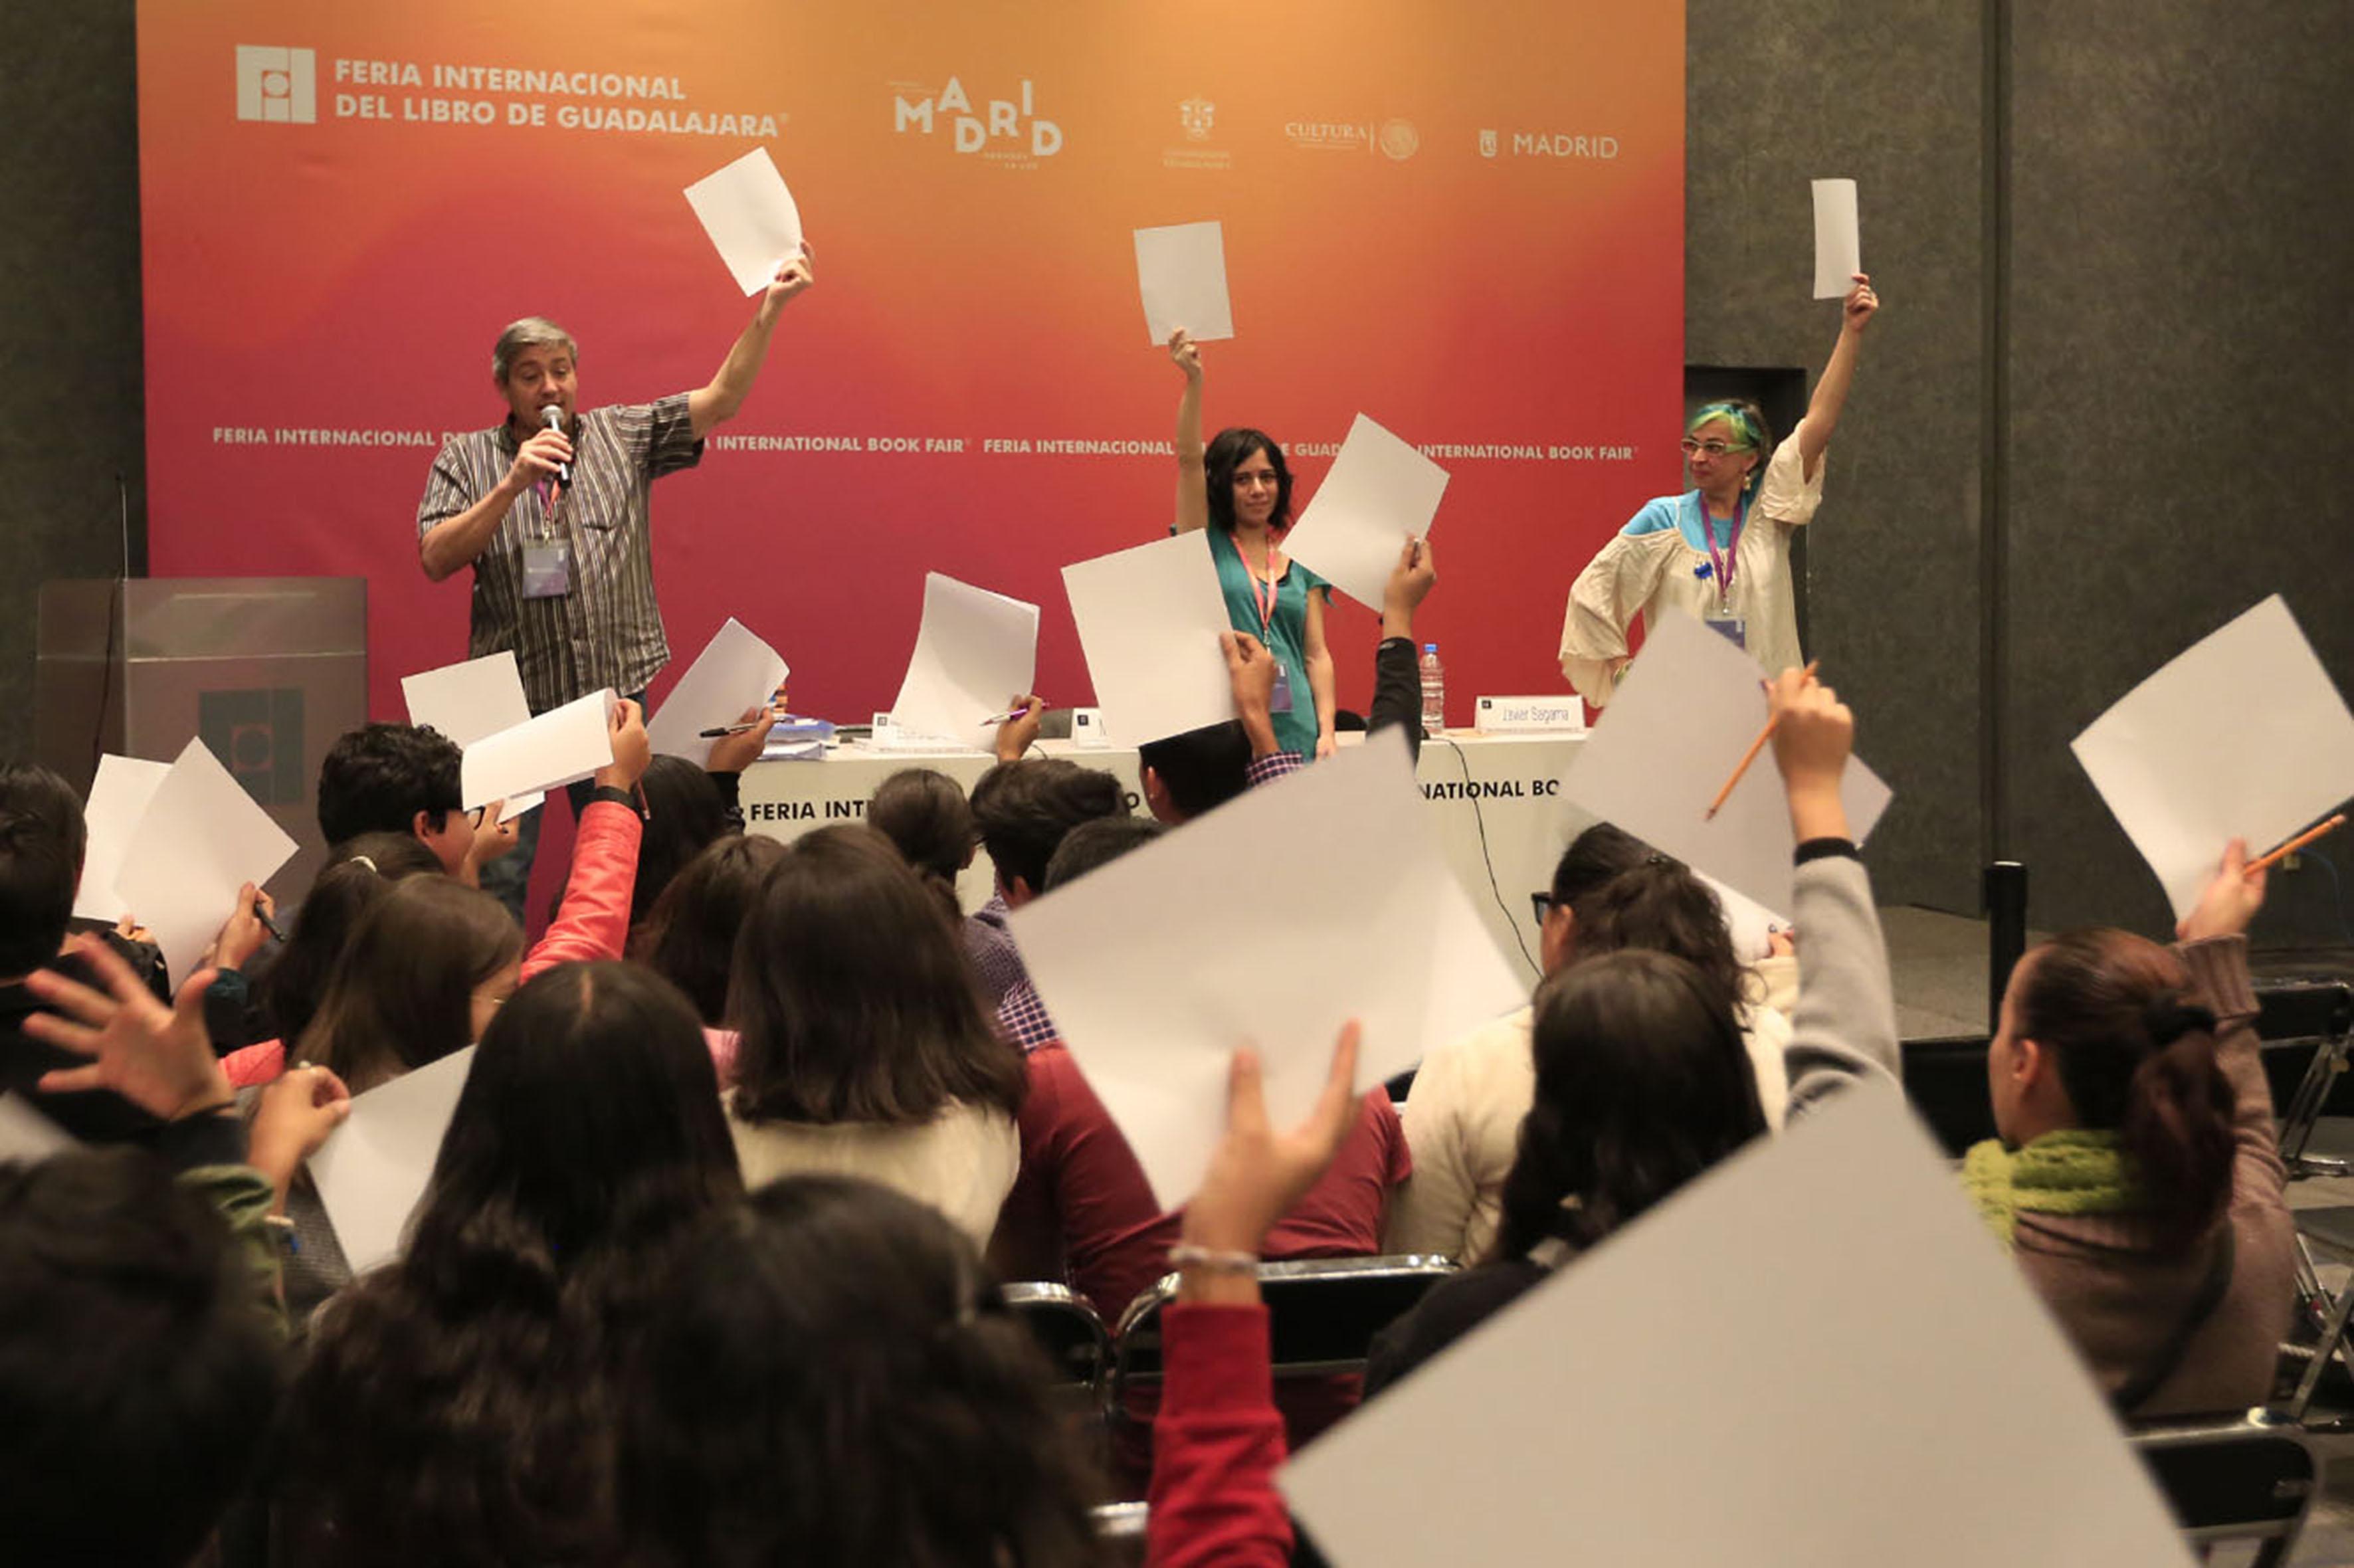 Durante conferencia 3 personas al frente levantan una hoja blanca de papel y la audiencia también lo hace